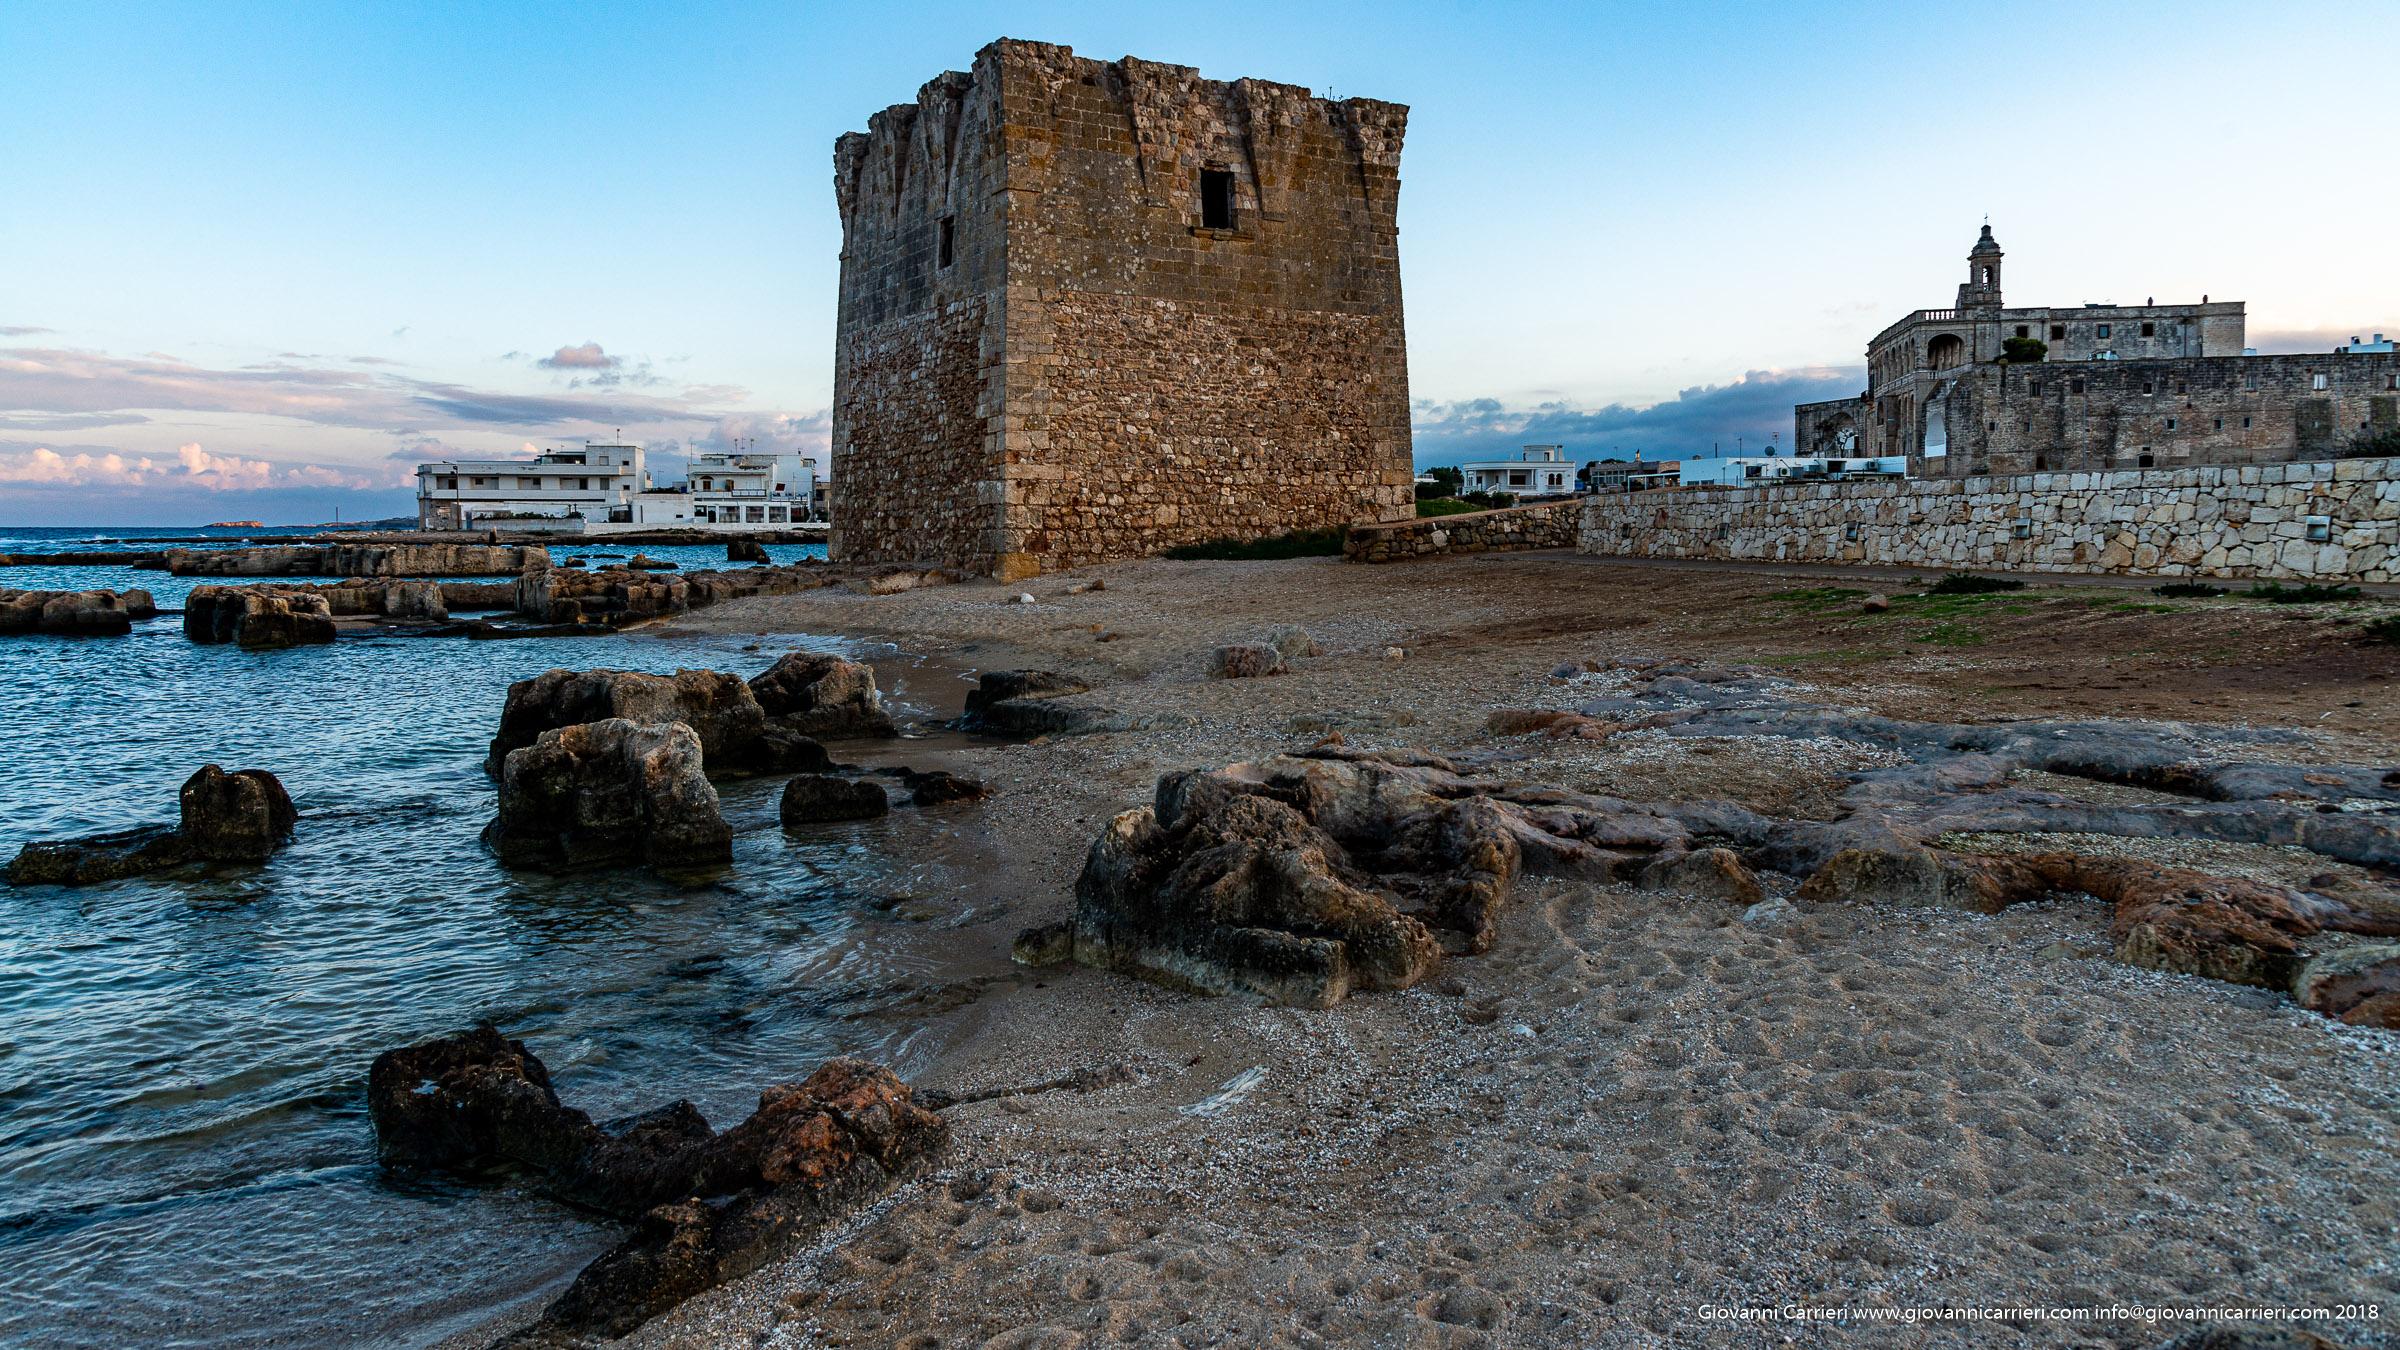 Panoramica di San Vito,  Polignano a Mare